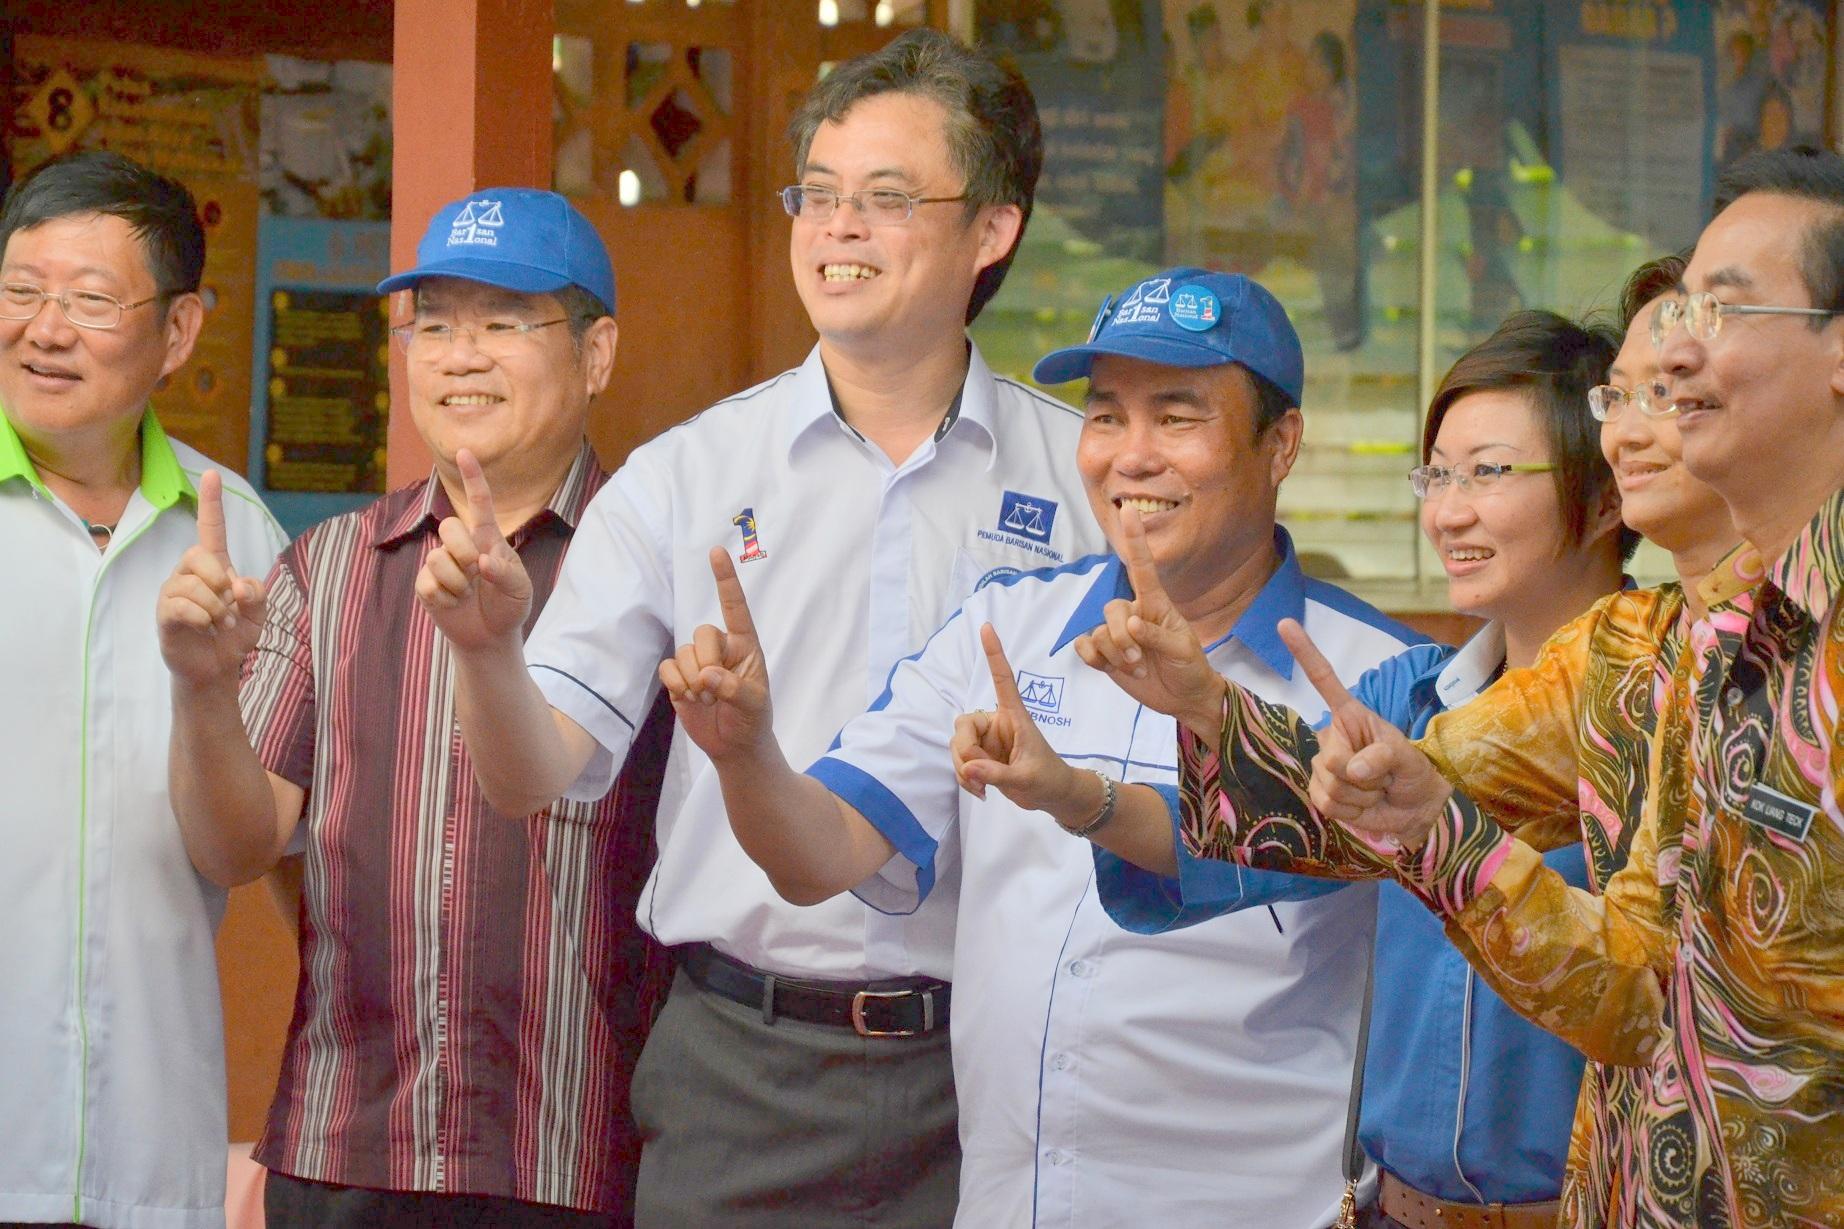 人联党领袖包括青年团总团长陈开及妇女组主席郑丽萍与国阵万年烟补选候选人尤昔诺斯合影。